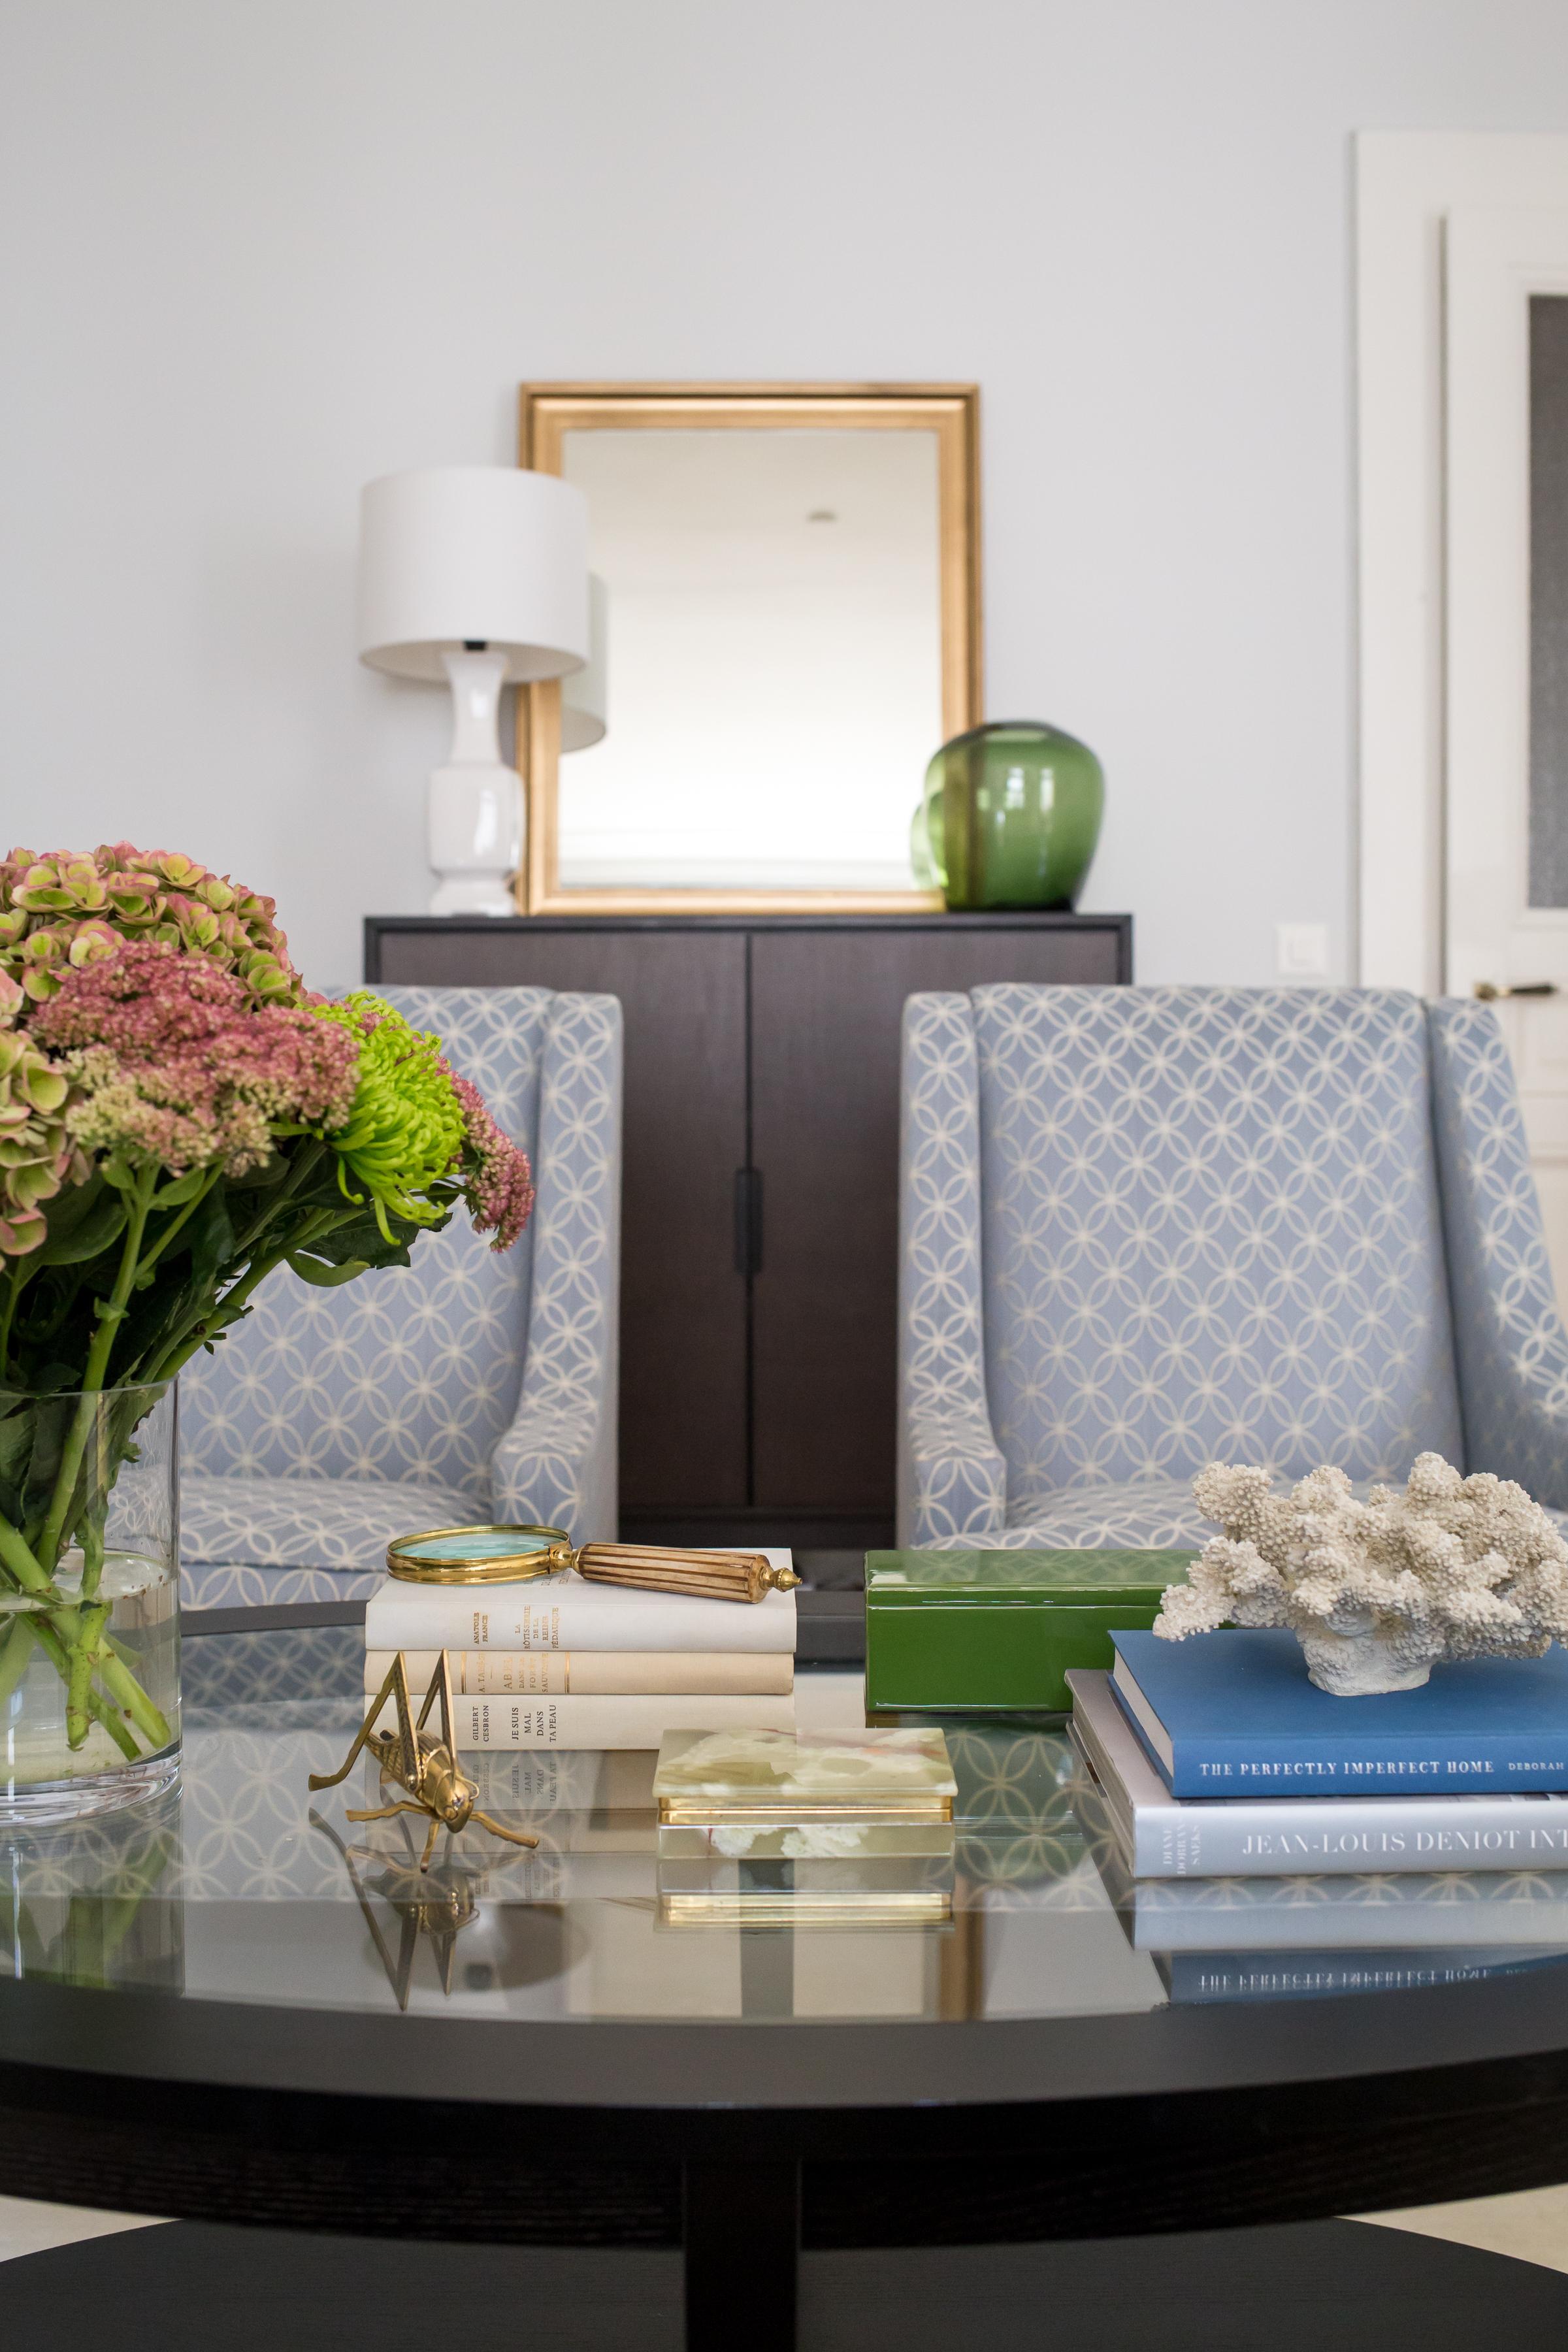 Interior Design To Make A Home